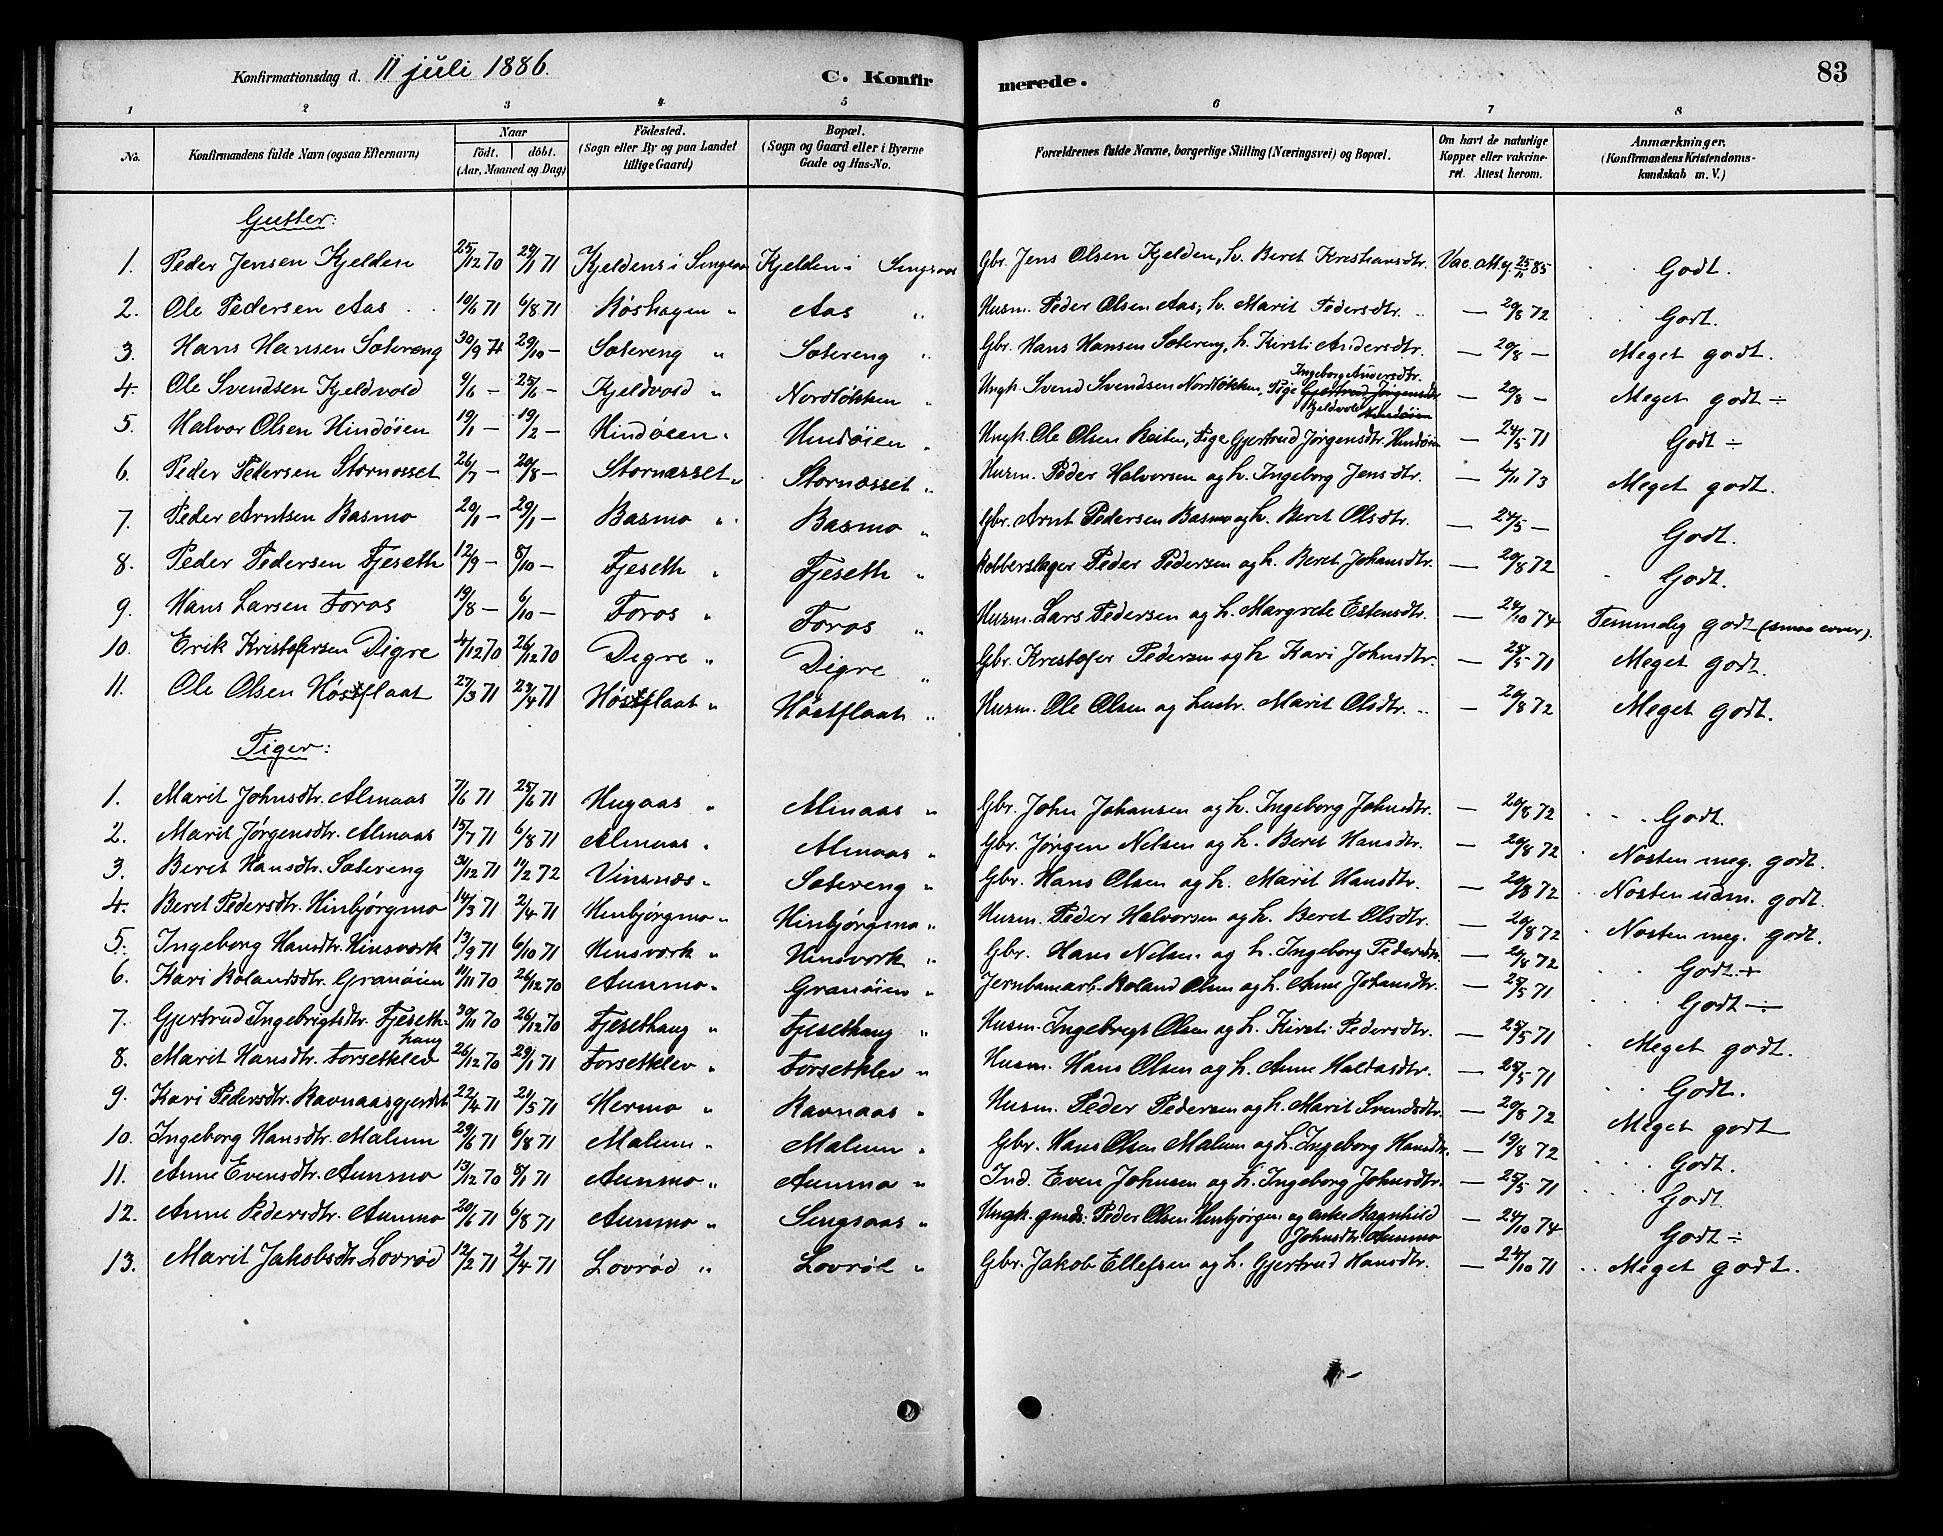 SAT, Ministerialprotokoller, klokkerbøker og fødselsregistre - Sør-Trøndelag, 688/L1024: Ministerialbok nr. 688A01, 1879-1890, s. 83